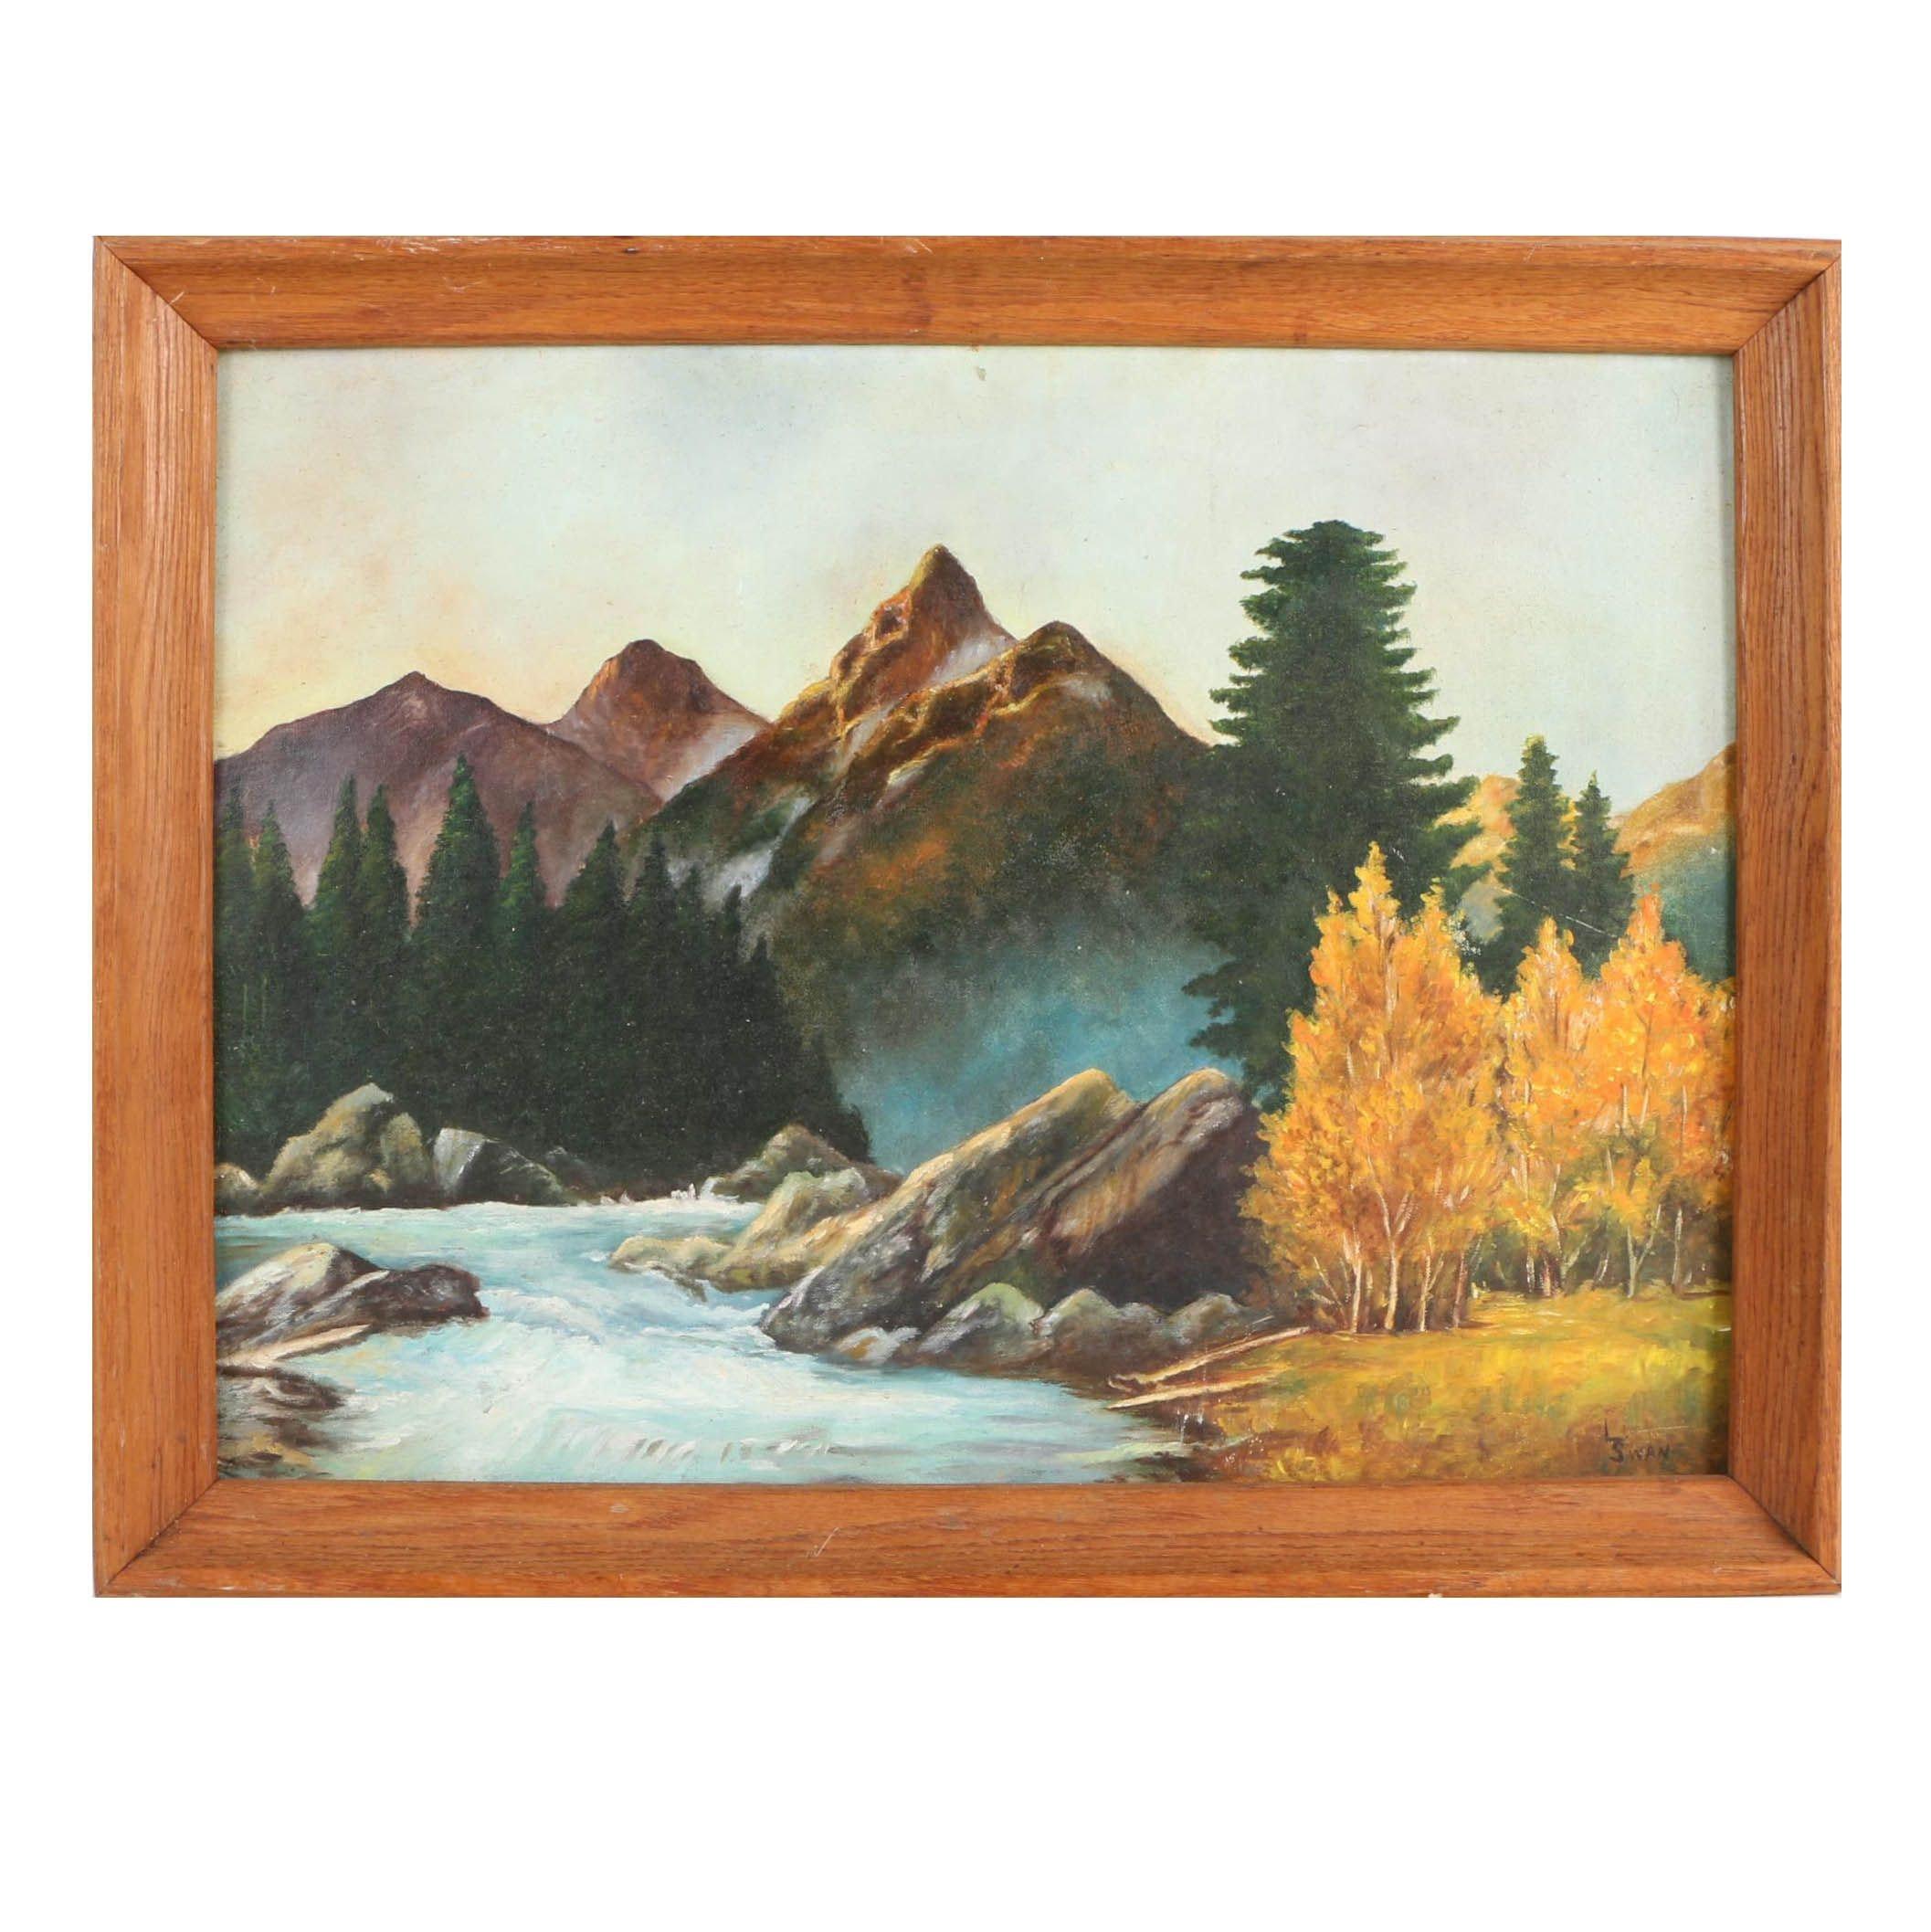 L. Swan Oil Landscape Painting